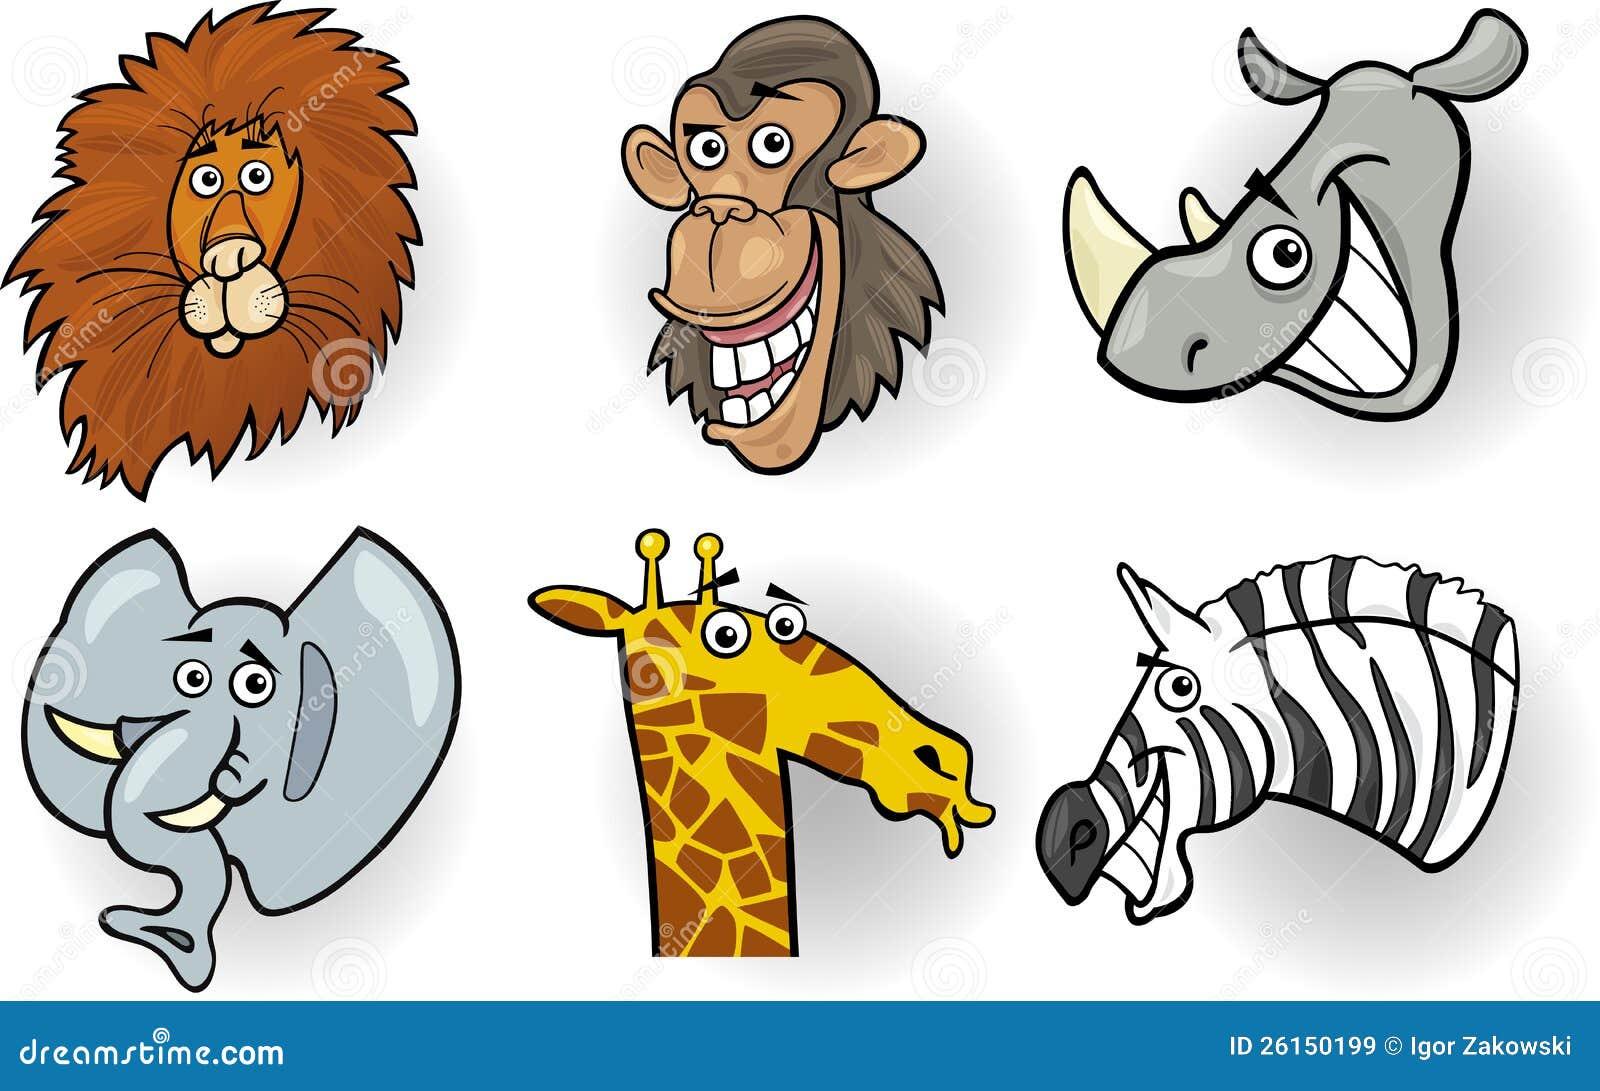 T tes d 39 animaux sauvages de dessin anim r gl es images - Dessins d animaux sauvages ...